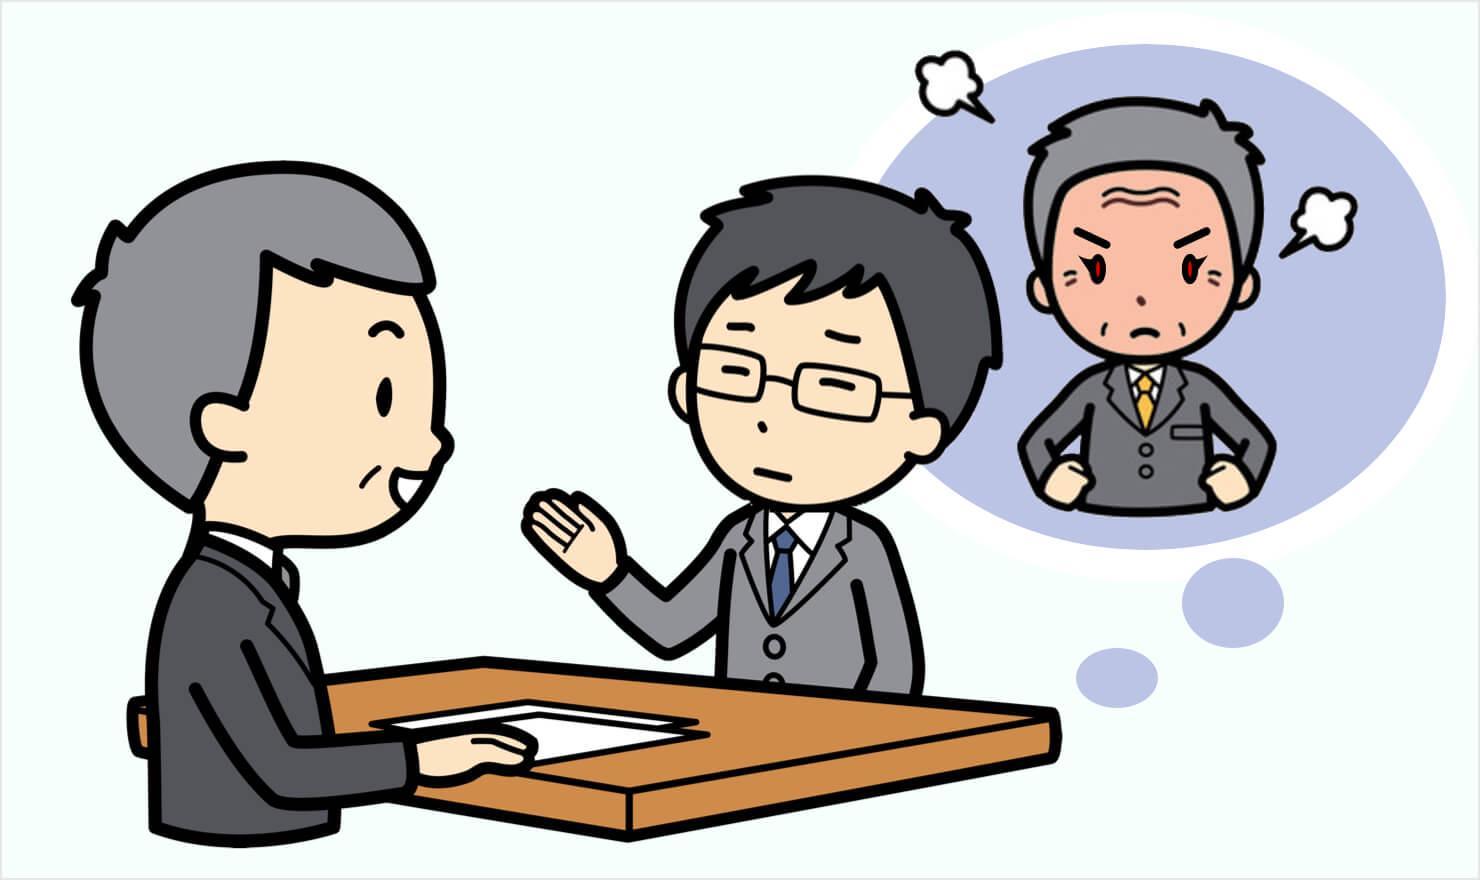 退職理由はポジティブに言い換えよう!面接時の正しい退職理由の伝え方 | JOBSHIL